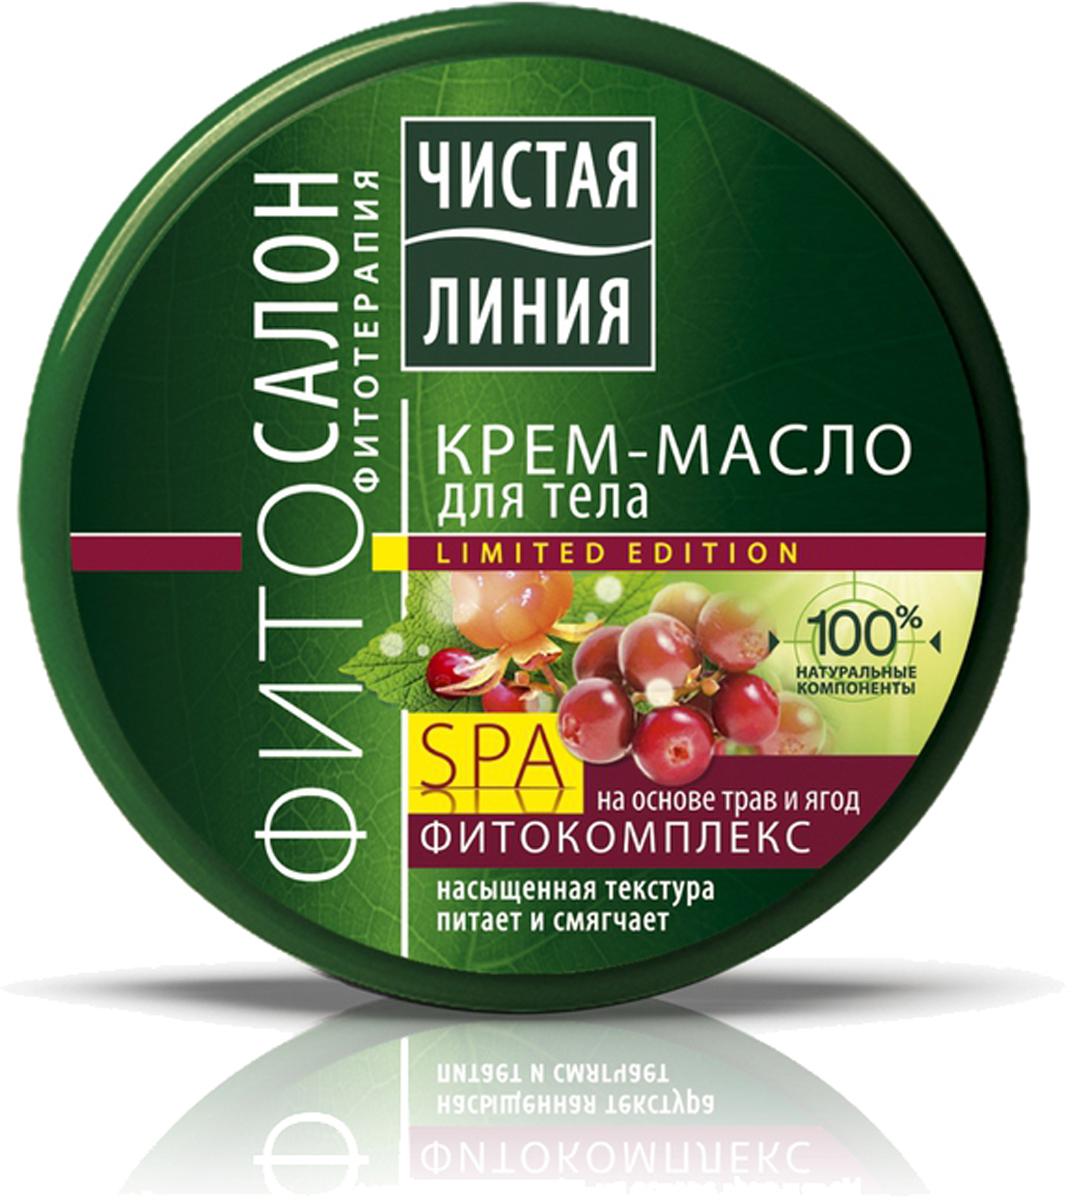 Чистая линия крем-масло для тела Фитосалон, 200 мл67160165КРЕМ-МАСЛО ДЛЯ ТЕЛА ЧИСТАЯ ЛИНИЯ ФИТОСАЛОН, 200 мл. Густая насыщенная текстура и мгновенное питание. Каждый продукт серии ЧИСТАЯ ЛИНИЯ Фитосалон содержит особый SPA ФИТО-комплекс на основе трав и ягод, который не только заботится о Вашей коже, но и дарит ощущение гармонии и наслаждения. Превратите свою ванну в SPA-салон!. Миссия Чистой линии - беречь и заботиться о естественной красоте и молодости российских женщин, делая их жизнь счастливее с каждым днем. Сегодня, Чистая линия – это один из самых больших брендов самой большой страны! Институт Чистая линия — это передовой исследовательский центр по изучению полезных свойств растений и их эффективного воздействия на кожу и волосы. Чистая линия — единственный косметический бренд, основанный на строгих принципах Фитотерапии. Разработкой продуктов бренда занимаются фитокосметологи - специалисты, которые изучают экстракты растений, их свойств и наиболее эффективные их комбинации. Фитокосметологи руководствуются следующими принципами Фитотерапии: - Не все растения обладают одинаково полезными свойствами. Например, экстракт алоэ не дает того же антивозрастного эффекта, что экстракт вербены.- Растения необходимо правильно собирать и обрабатывать. Листья толокнянки, к примеру, надо собирать в период цветения. - Чтобы экстракты в составе продукта не «спорили», а дополняли действие друг друга, их композиция должна быть составлена грамотно. Ассортимент средств Чистая линия включает в себя множество косметических линий, которые обеспечивают комплексный уход за волосами, лицом и телом для женщины каждой возрастной категории. В нашей косметике собрано все лучшее, что есть в природе для заботы о вашей красоте и молодости. В косметике Чистая Линия используется более 70 разных российских трав. Мы ищем самое лучшее в природе – чтобы делать каждую женщину красивой! Чистая Линия - красота и молодость Вашей кожи и волос!